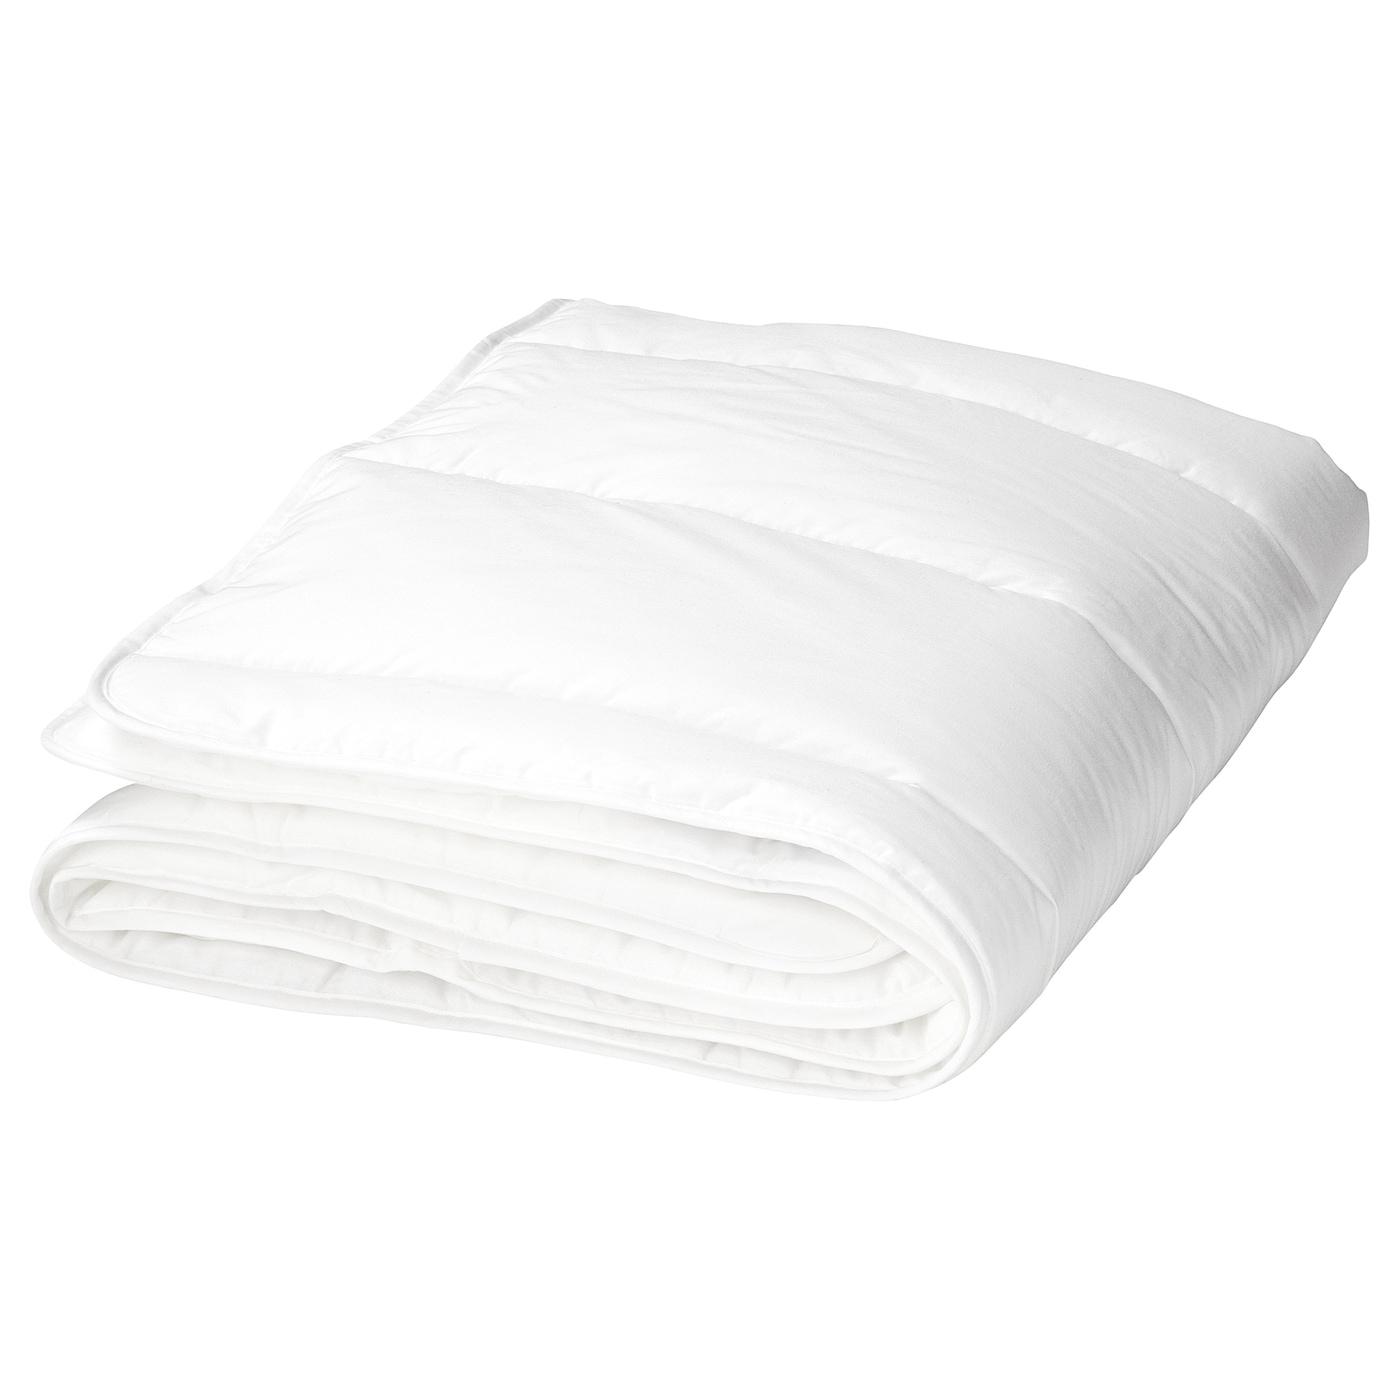 LEN Couette pour lit bébé - blanc - IKEA